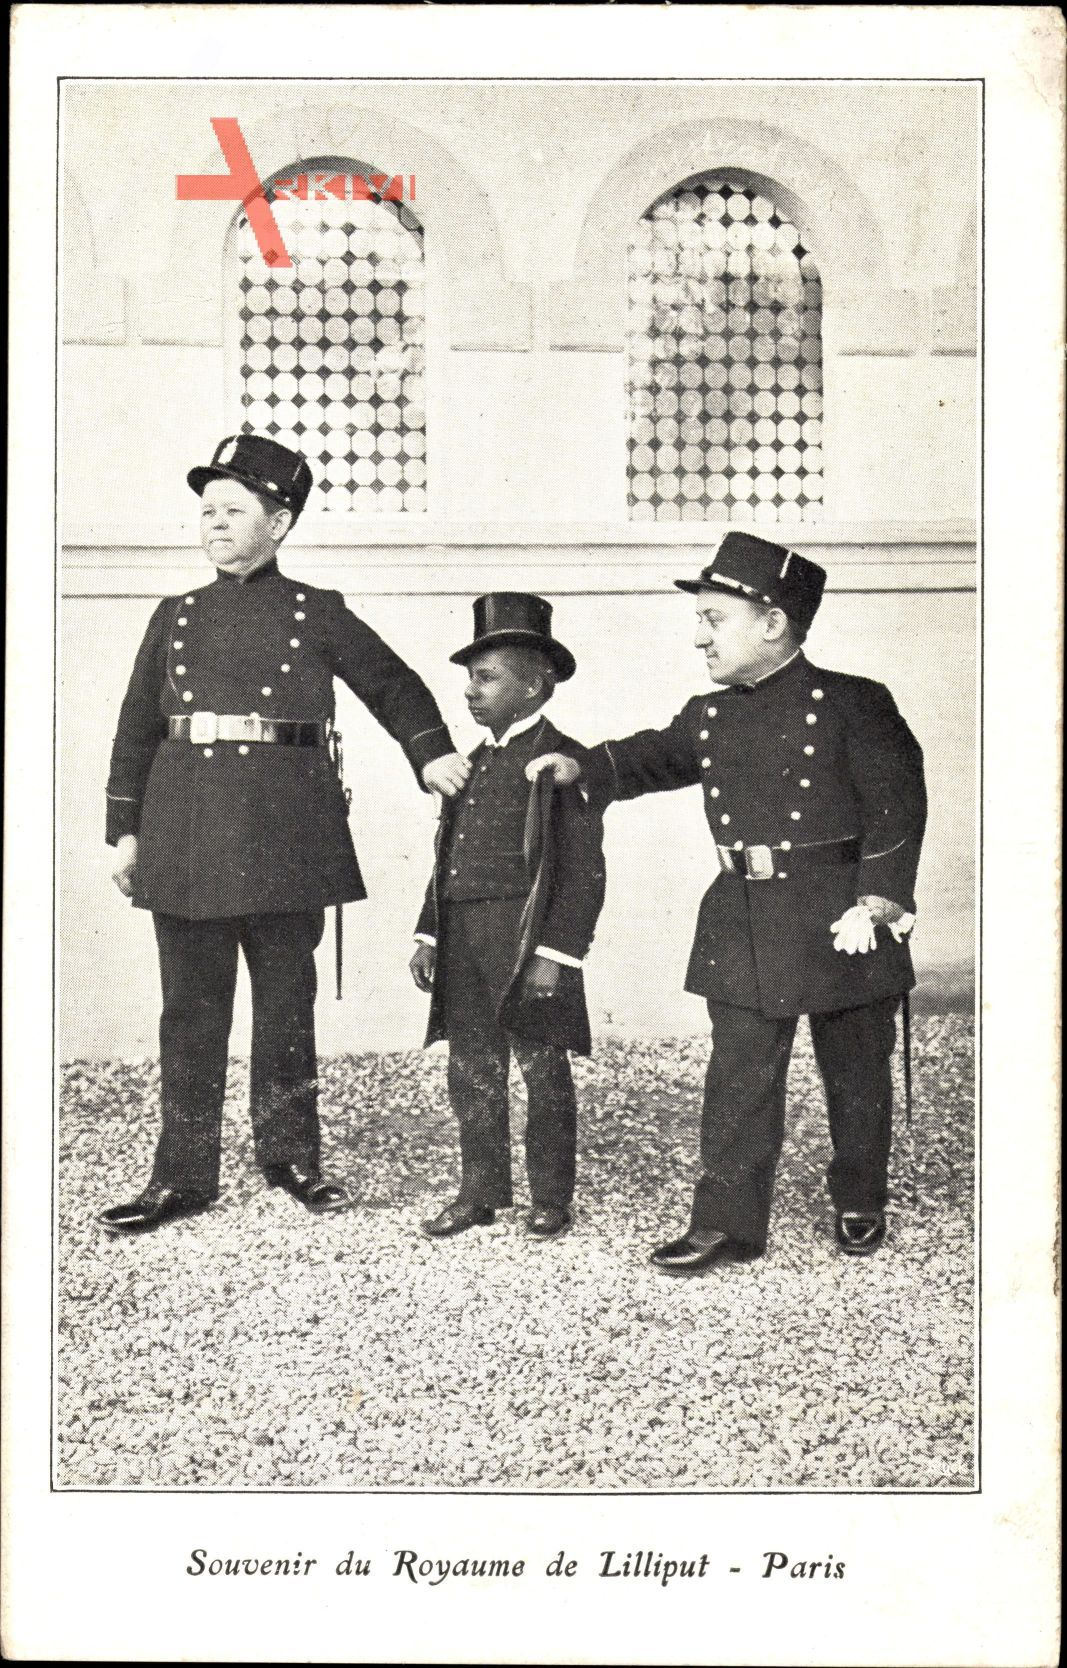 Souvenir du Royaume de Lilliput, Paris, Liliputaner als Polizisten